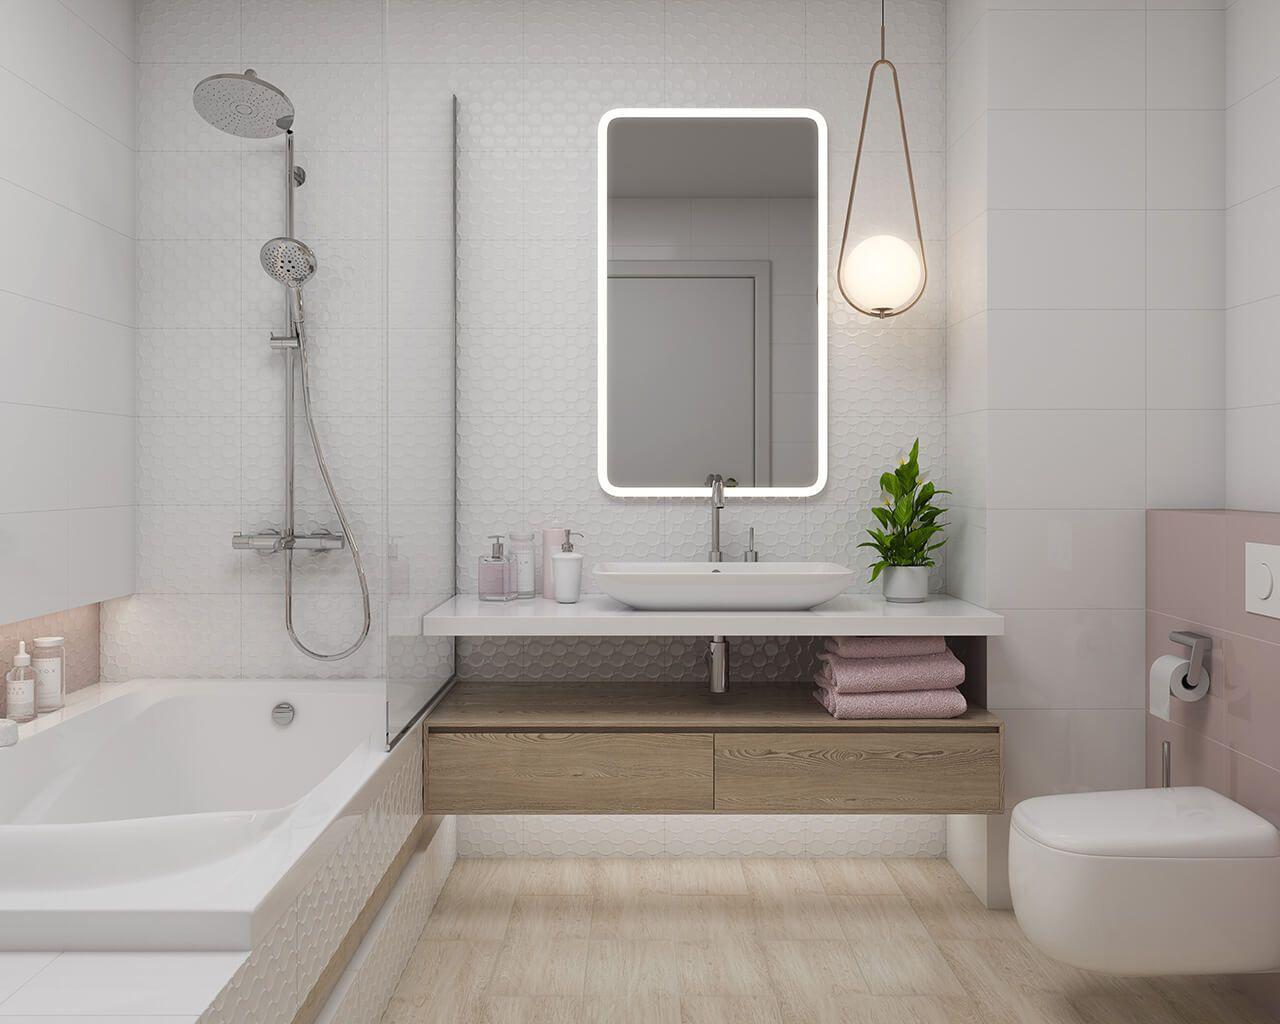 Ordnung Und Harmonie In Einem Hellen Badezimmer Ceramika Paradyz